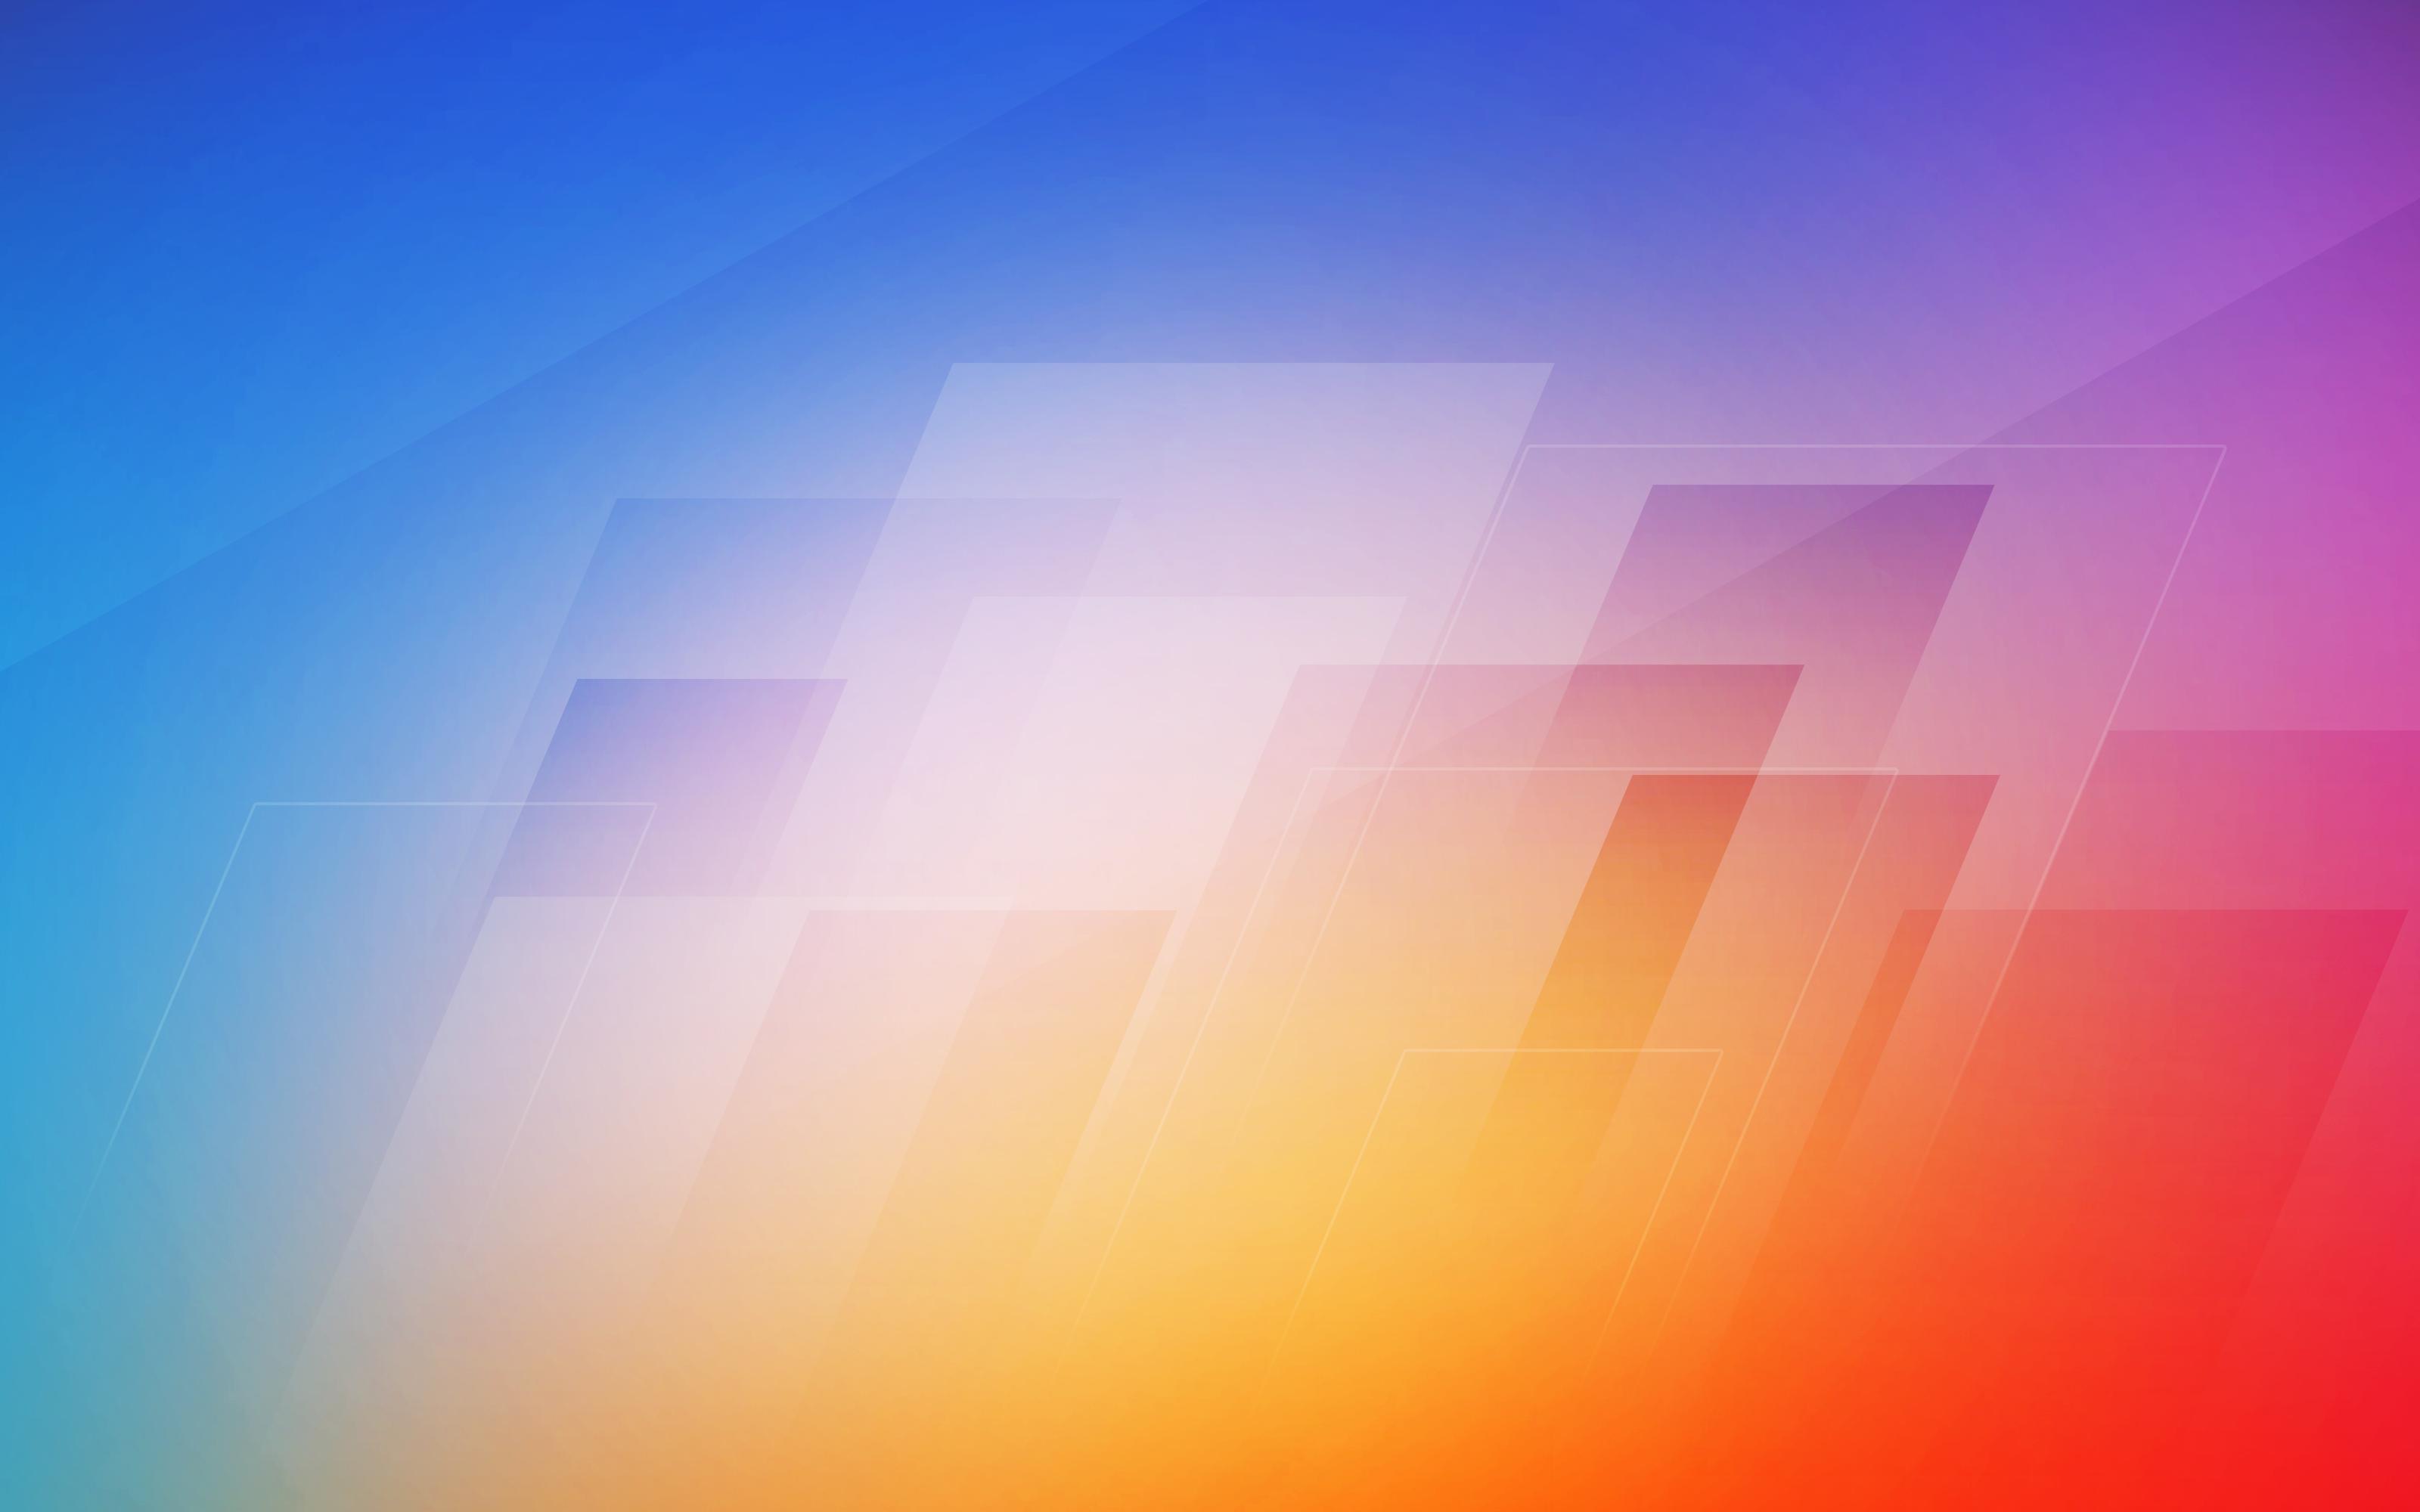 rectangles-3